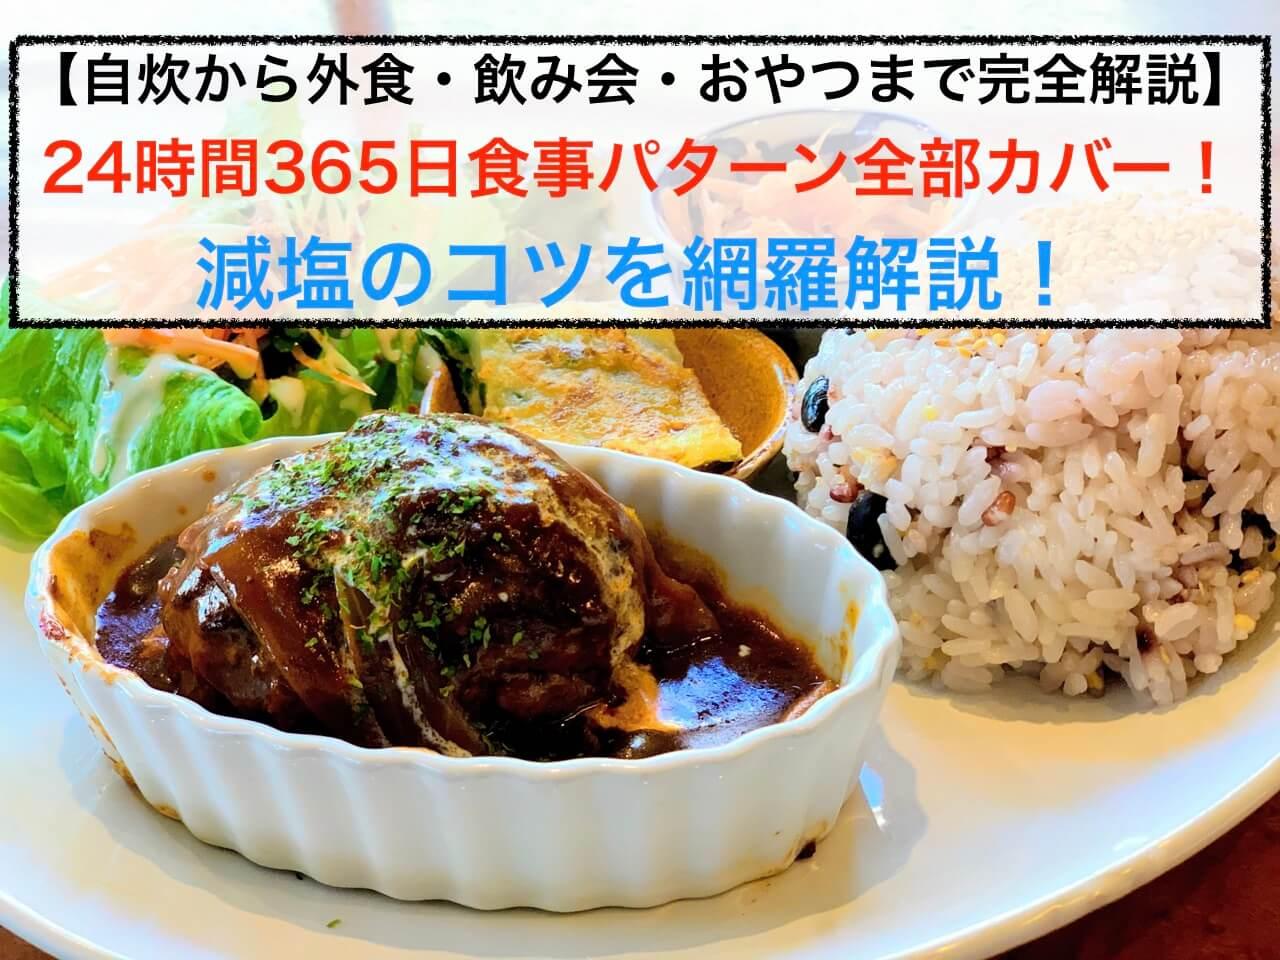 外食、飲み会、おやつまで全食事パターンの減塩のコツを完全網羅解説